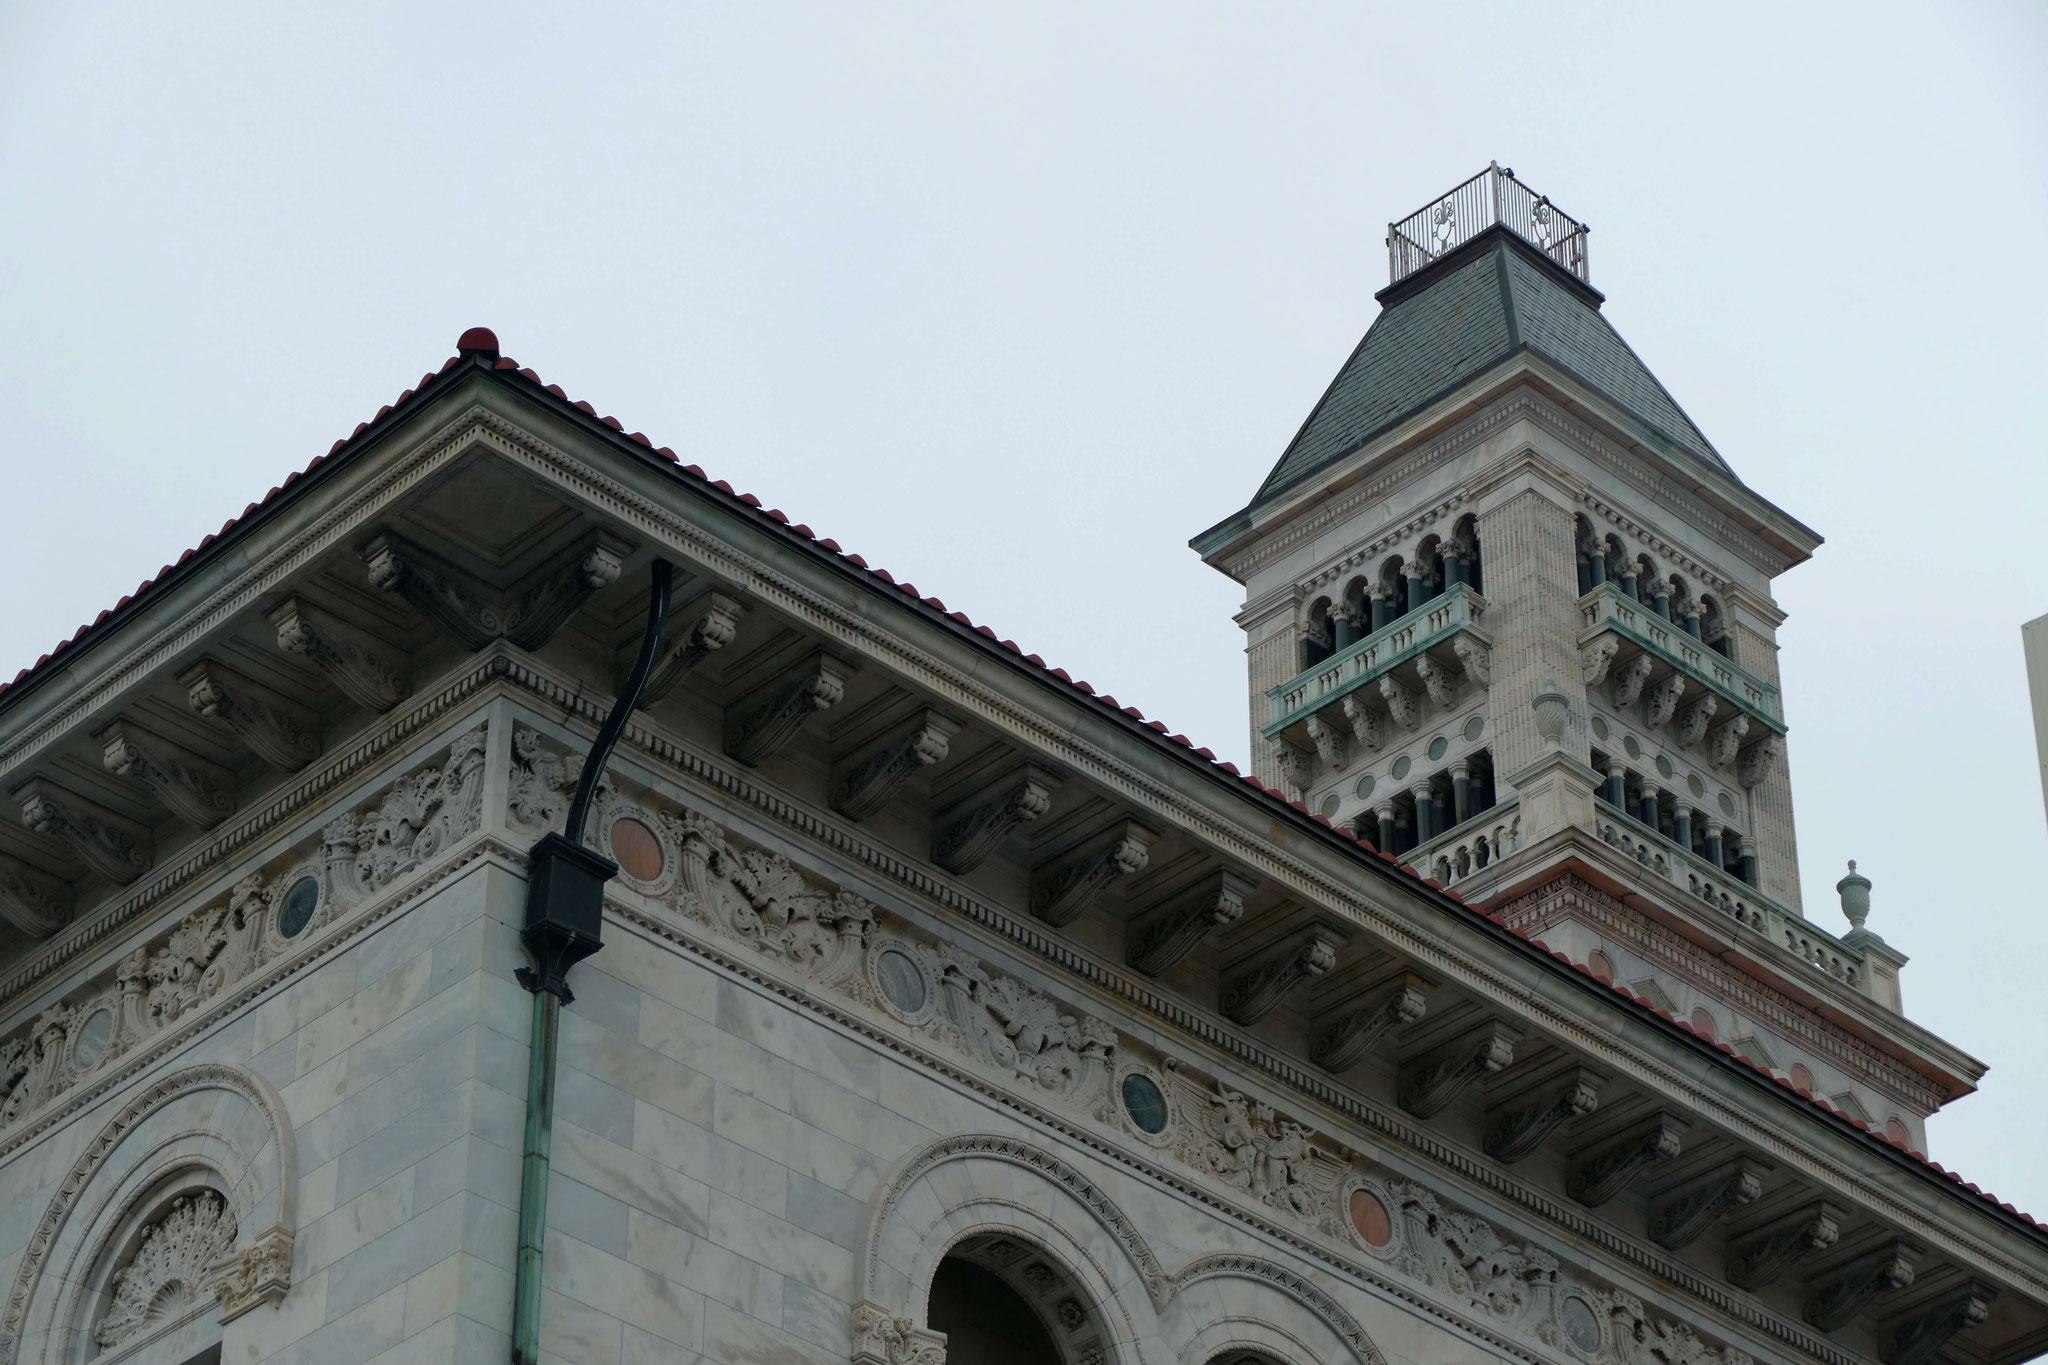 Gerichtsgebäude, in dem der Begründer der Methodisten, John Wesley, gepredigt hat